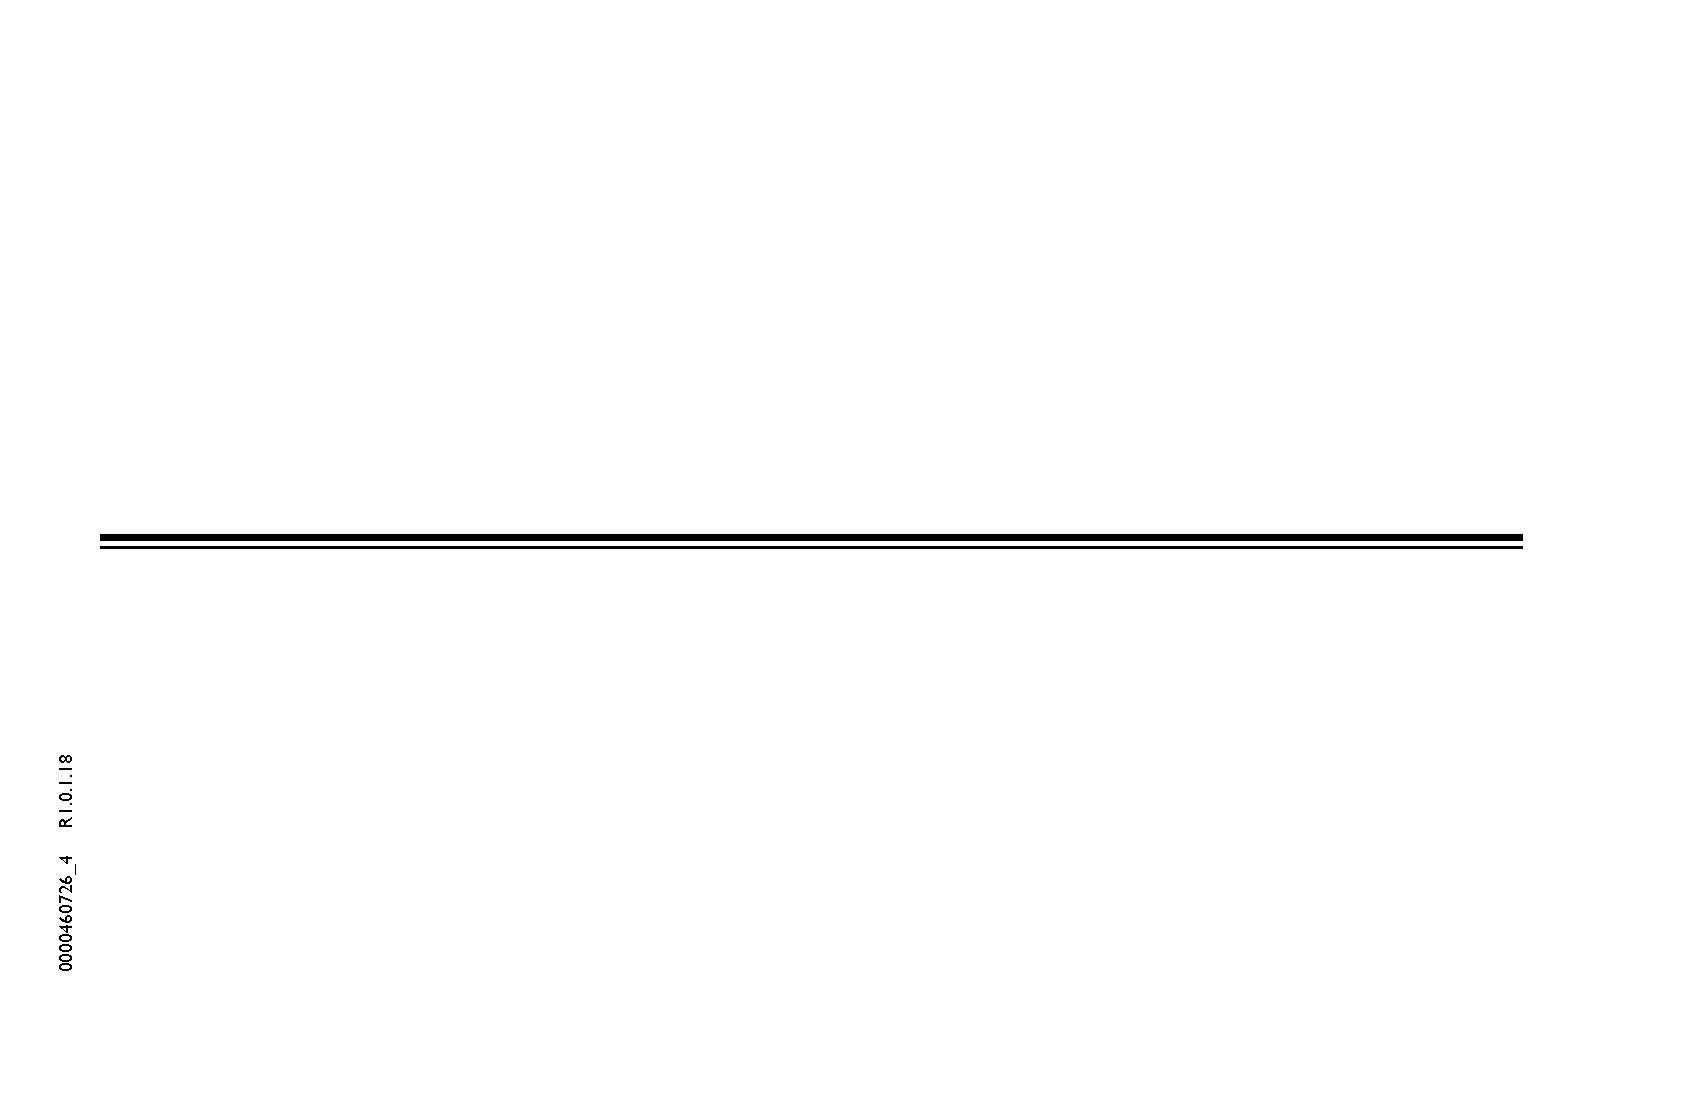 zgnx2020noticeandaccess0041.jpg